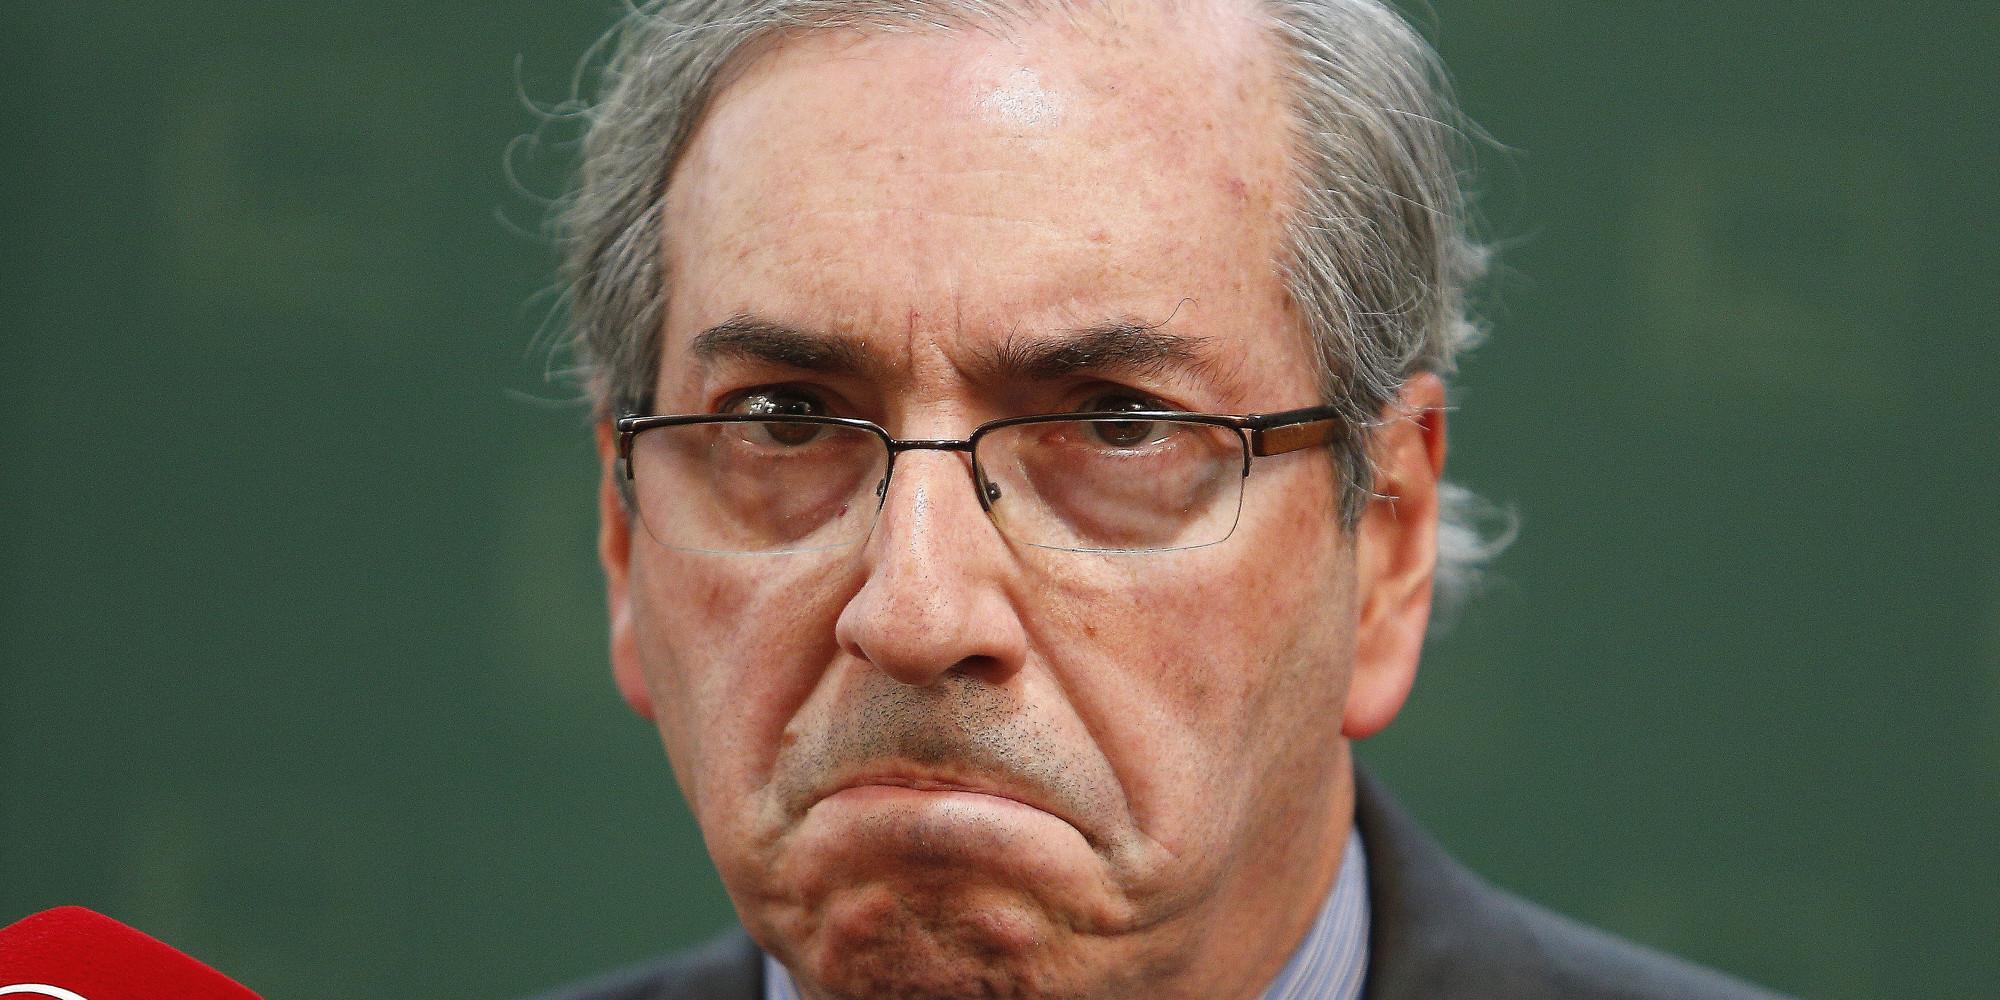 Suprema Corte nega sigilo em inquérito sobre contas na Suíça atribuídas a Cunha.